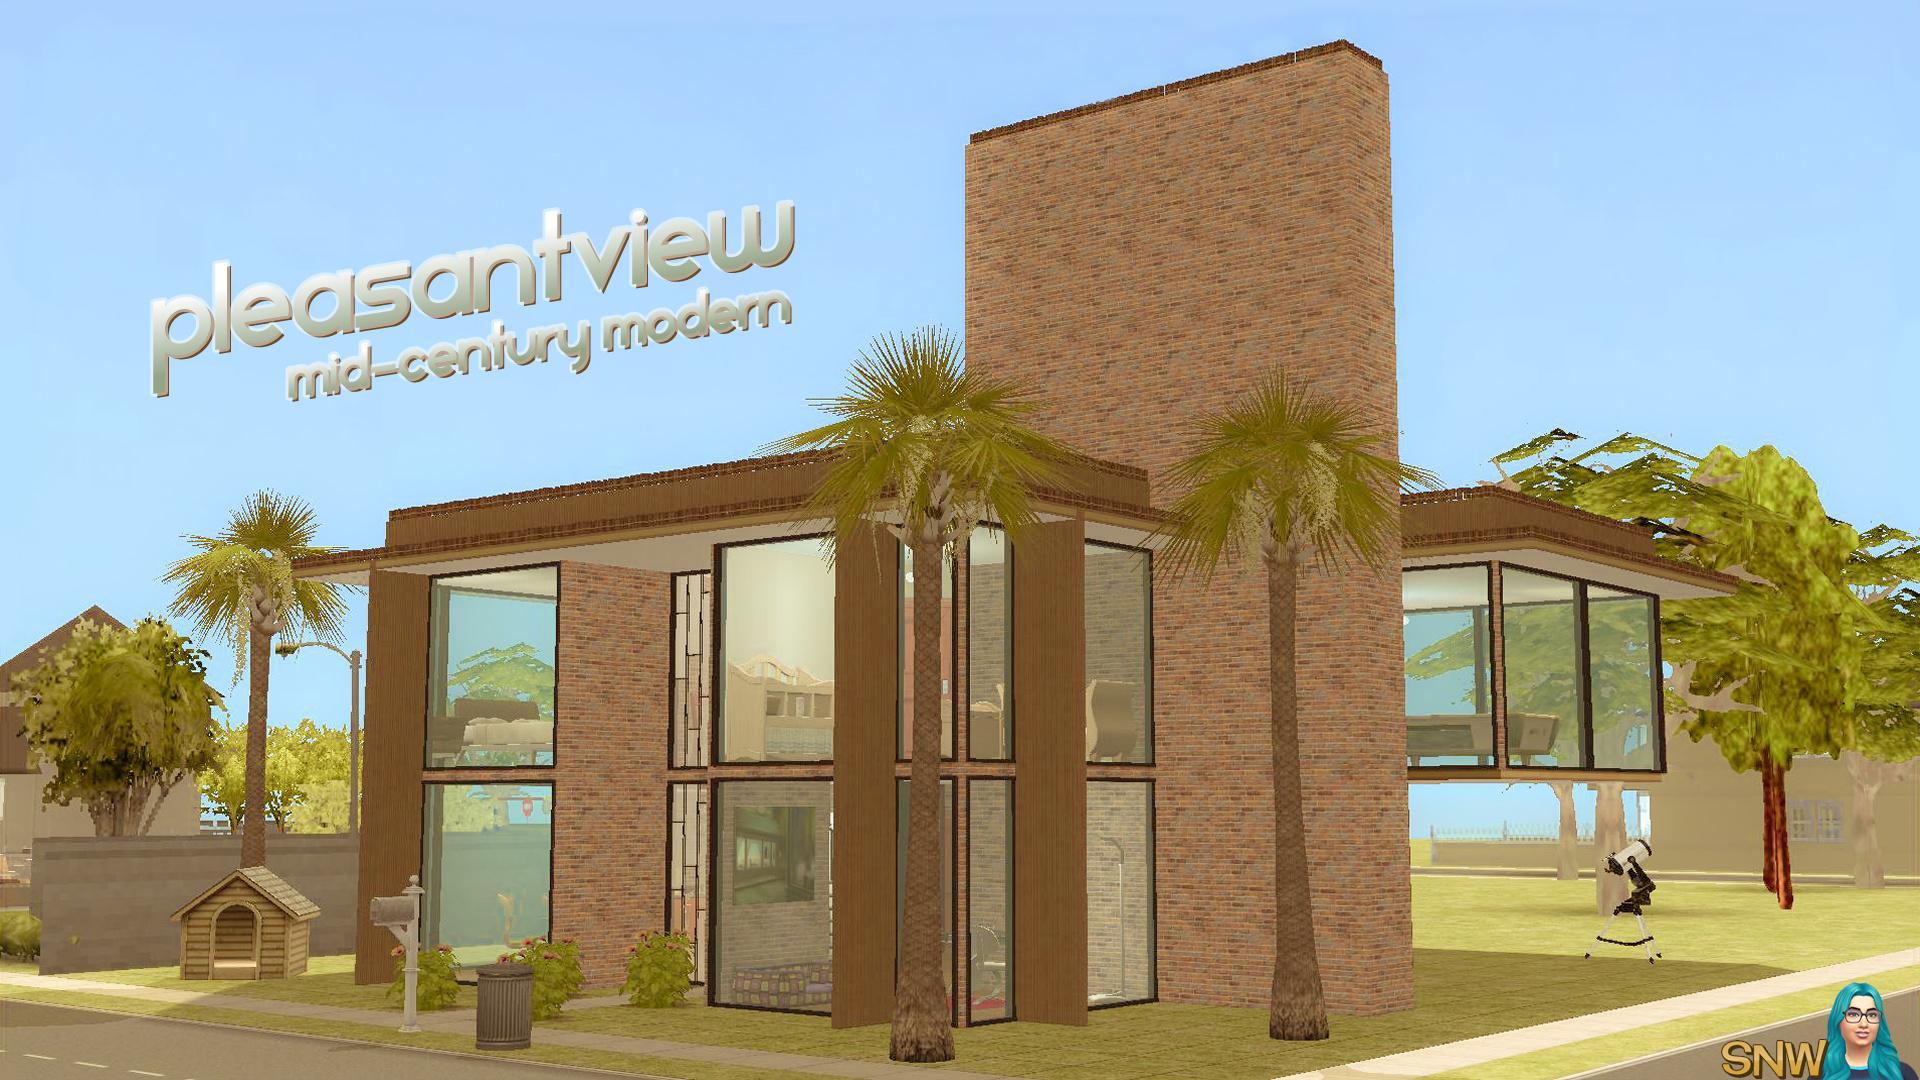 Mid-Century Modern Pleasantview